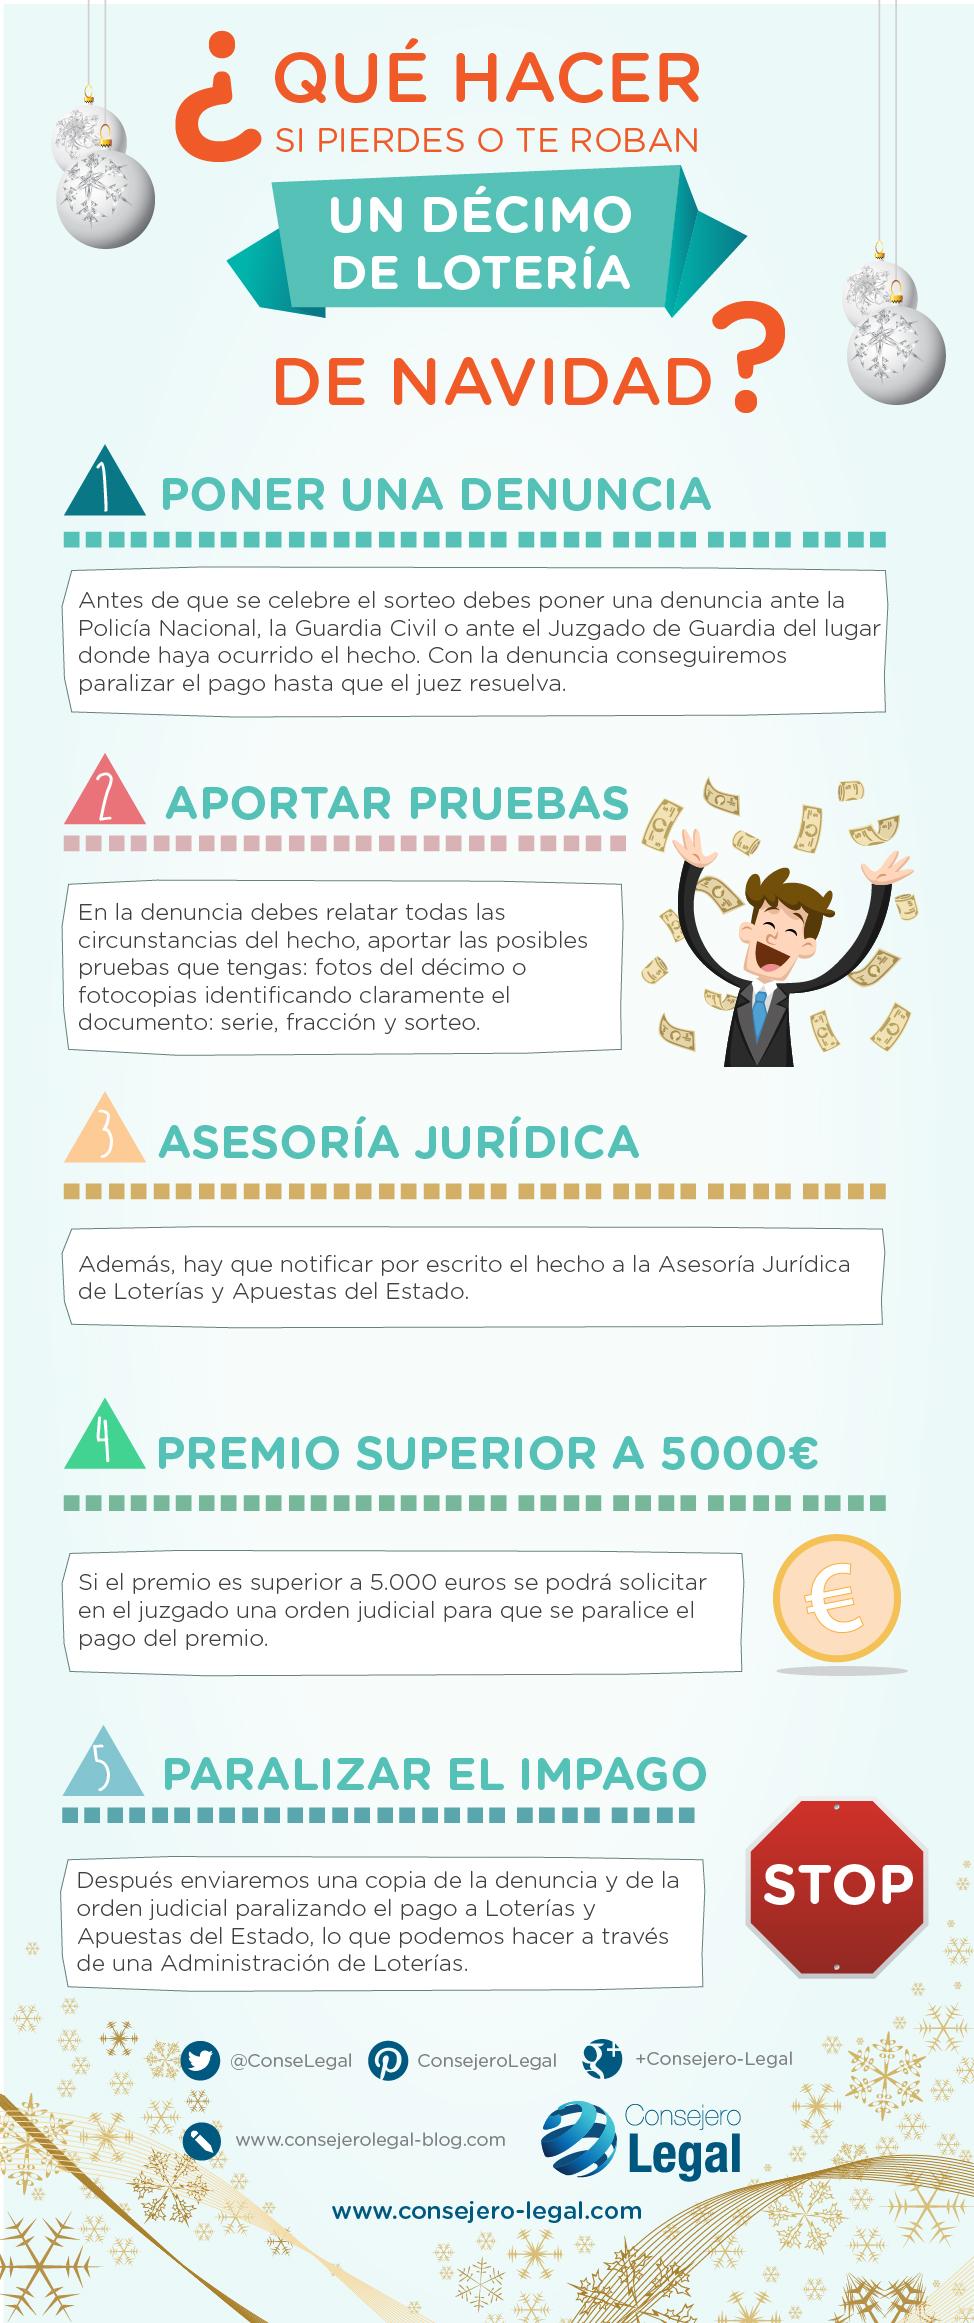 Qué hacer si pierdes o te roban un décimo de lotería (infografía) - Consejero Legal